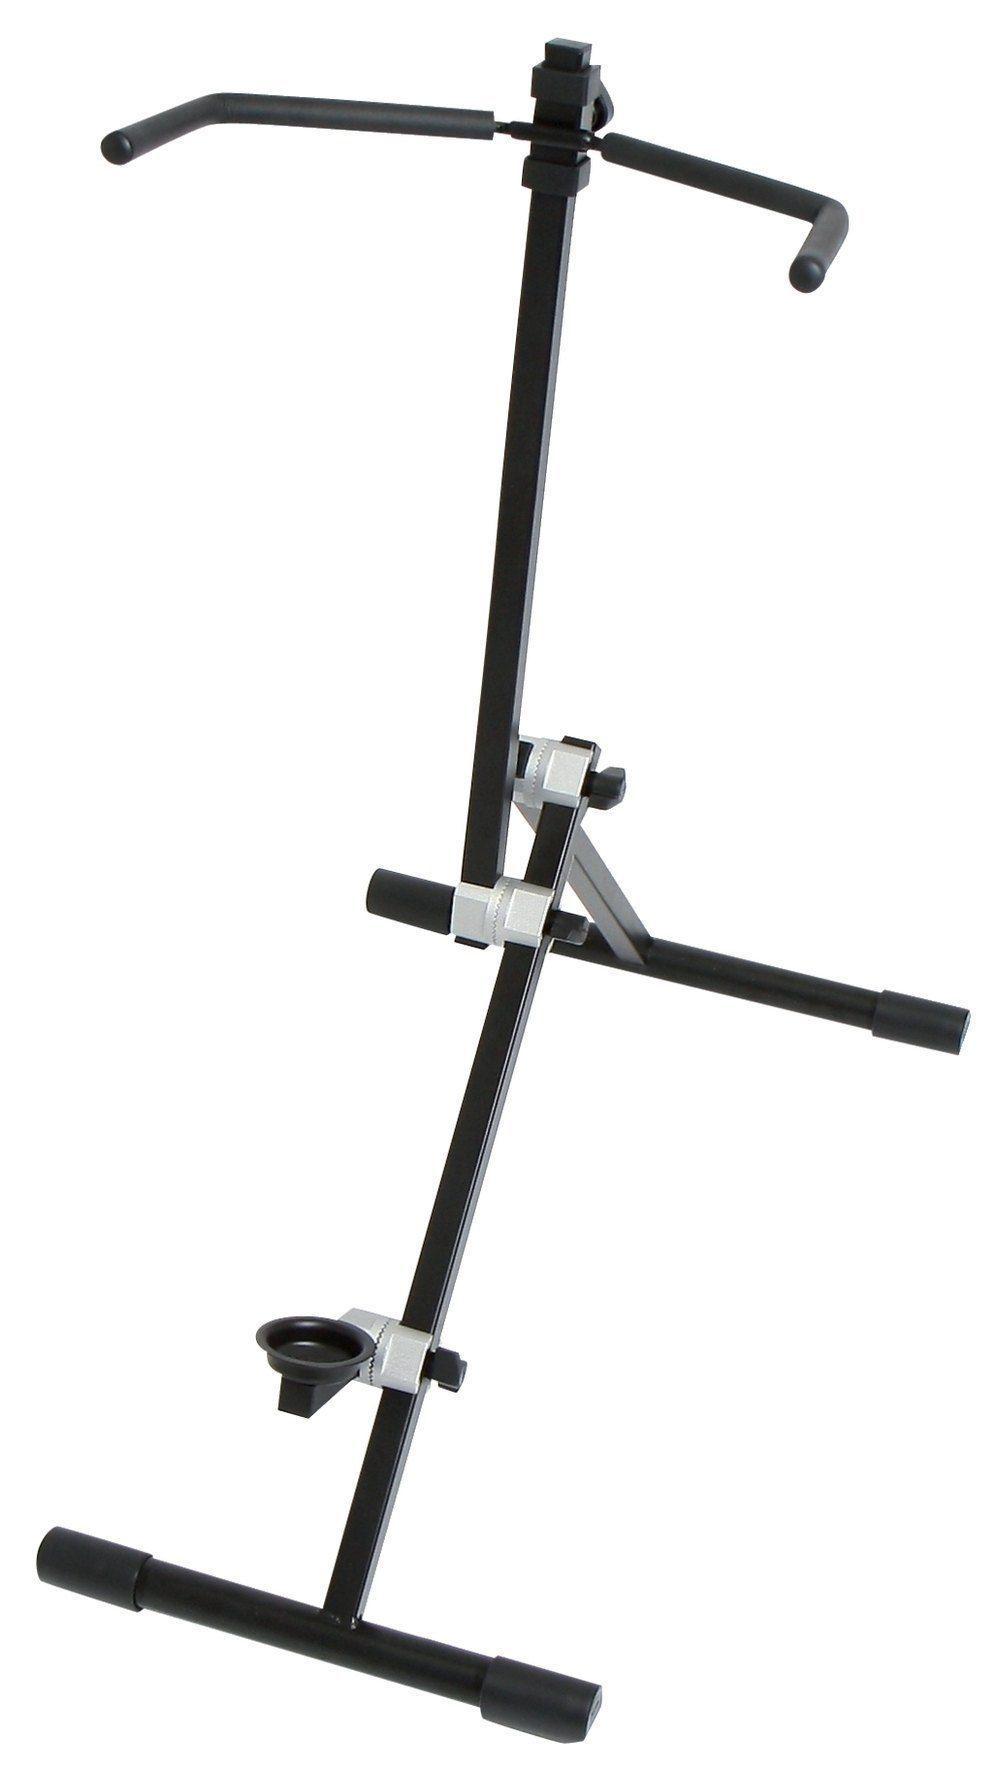 Celloständer mit Gear-System-Verstellung, zusammenlegbar,  Höhe verstellbar